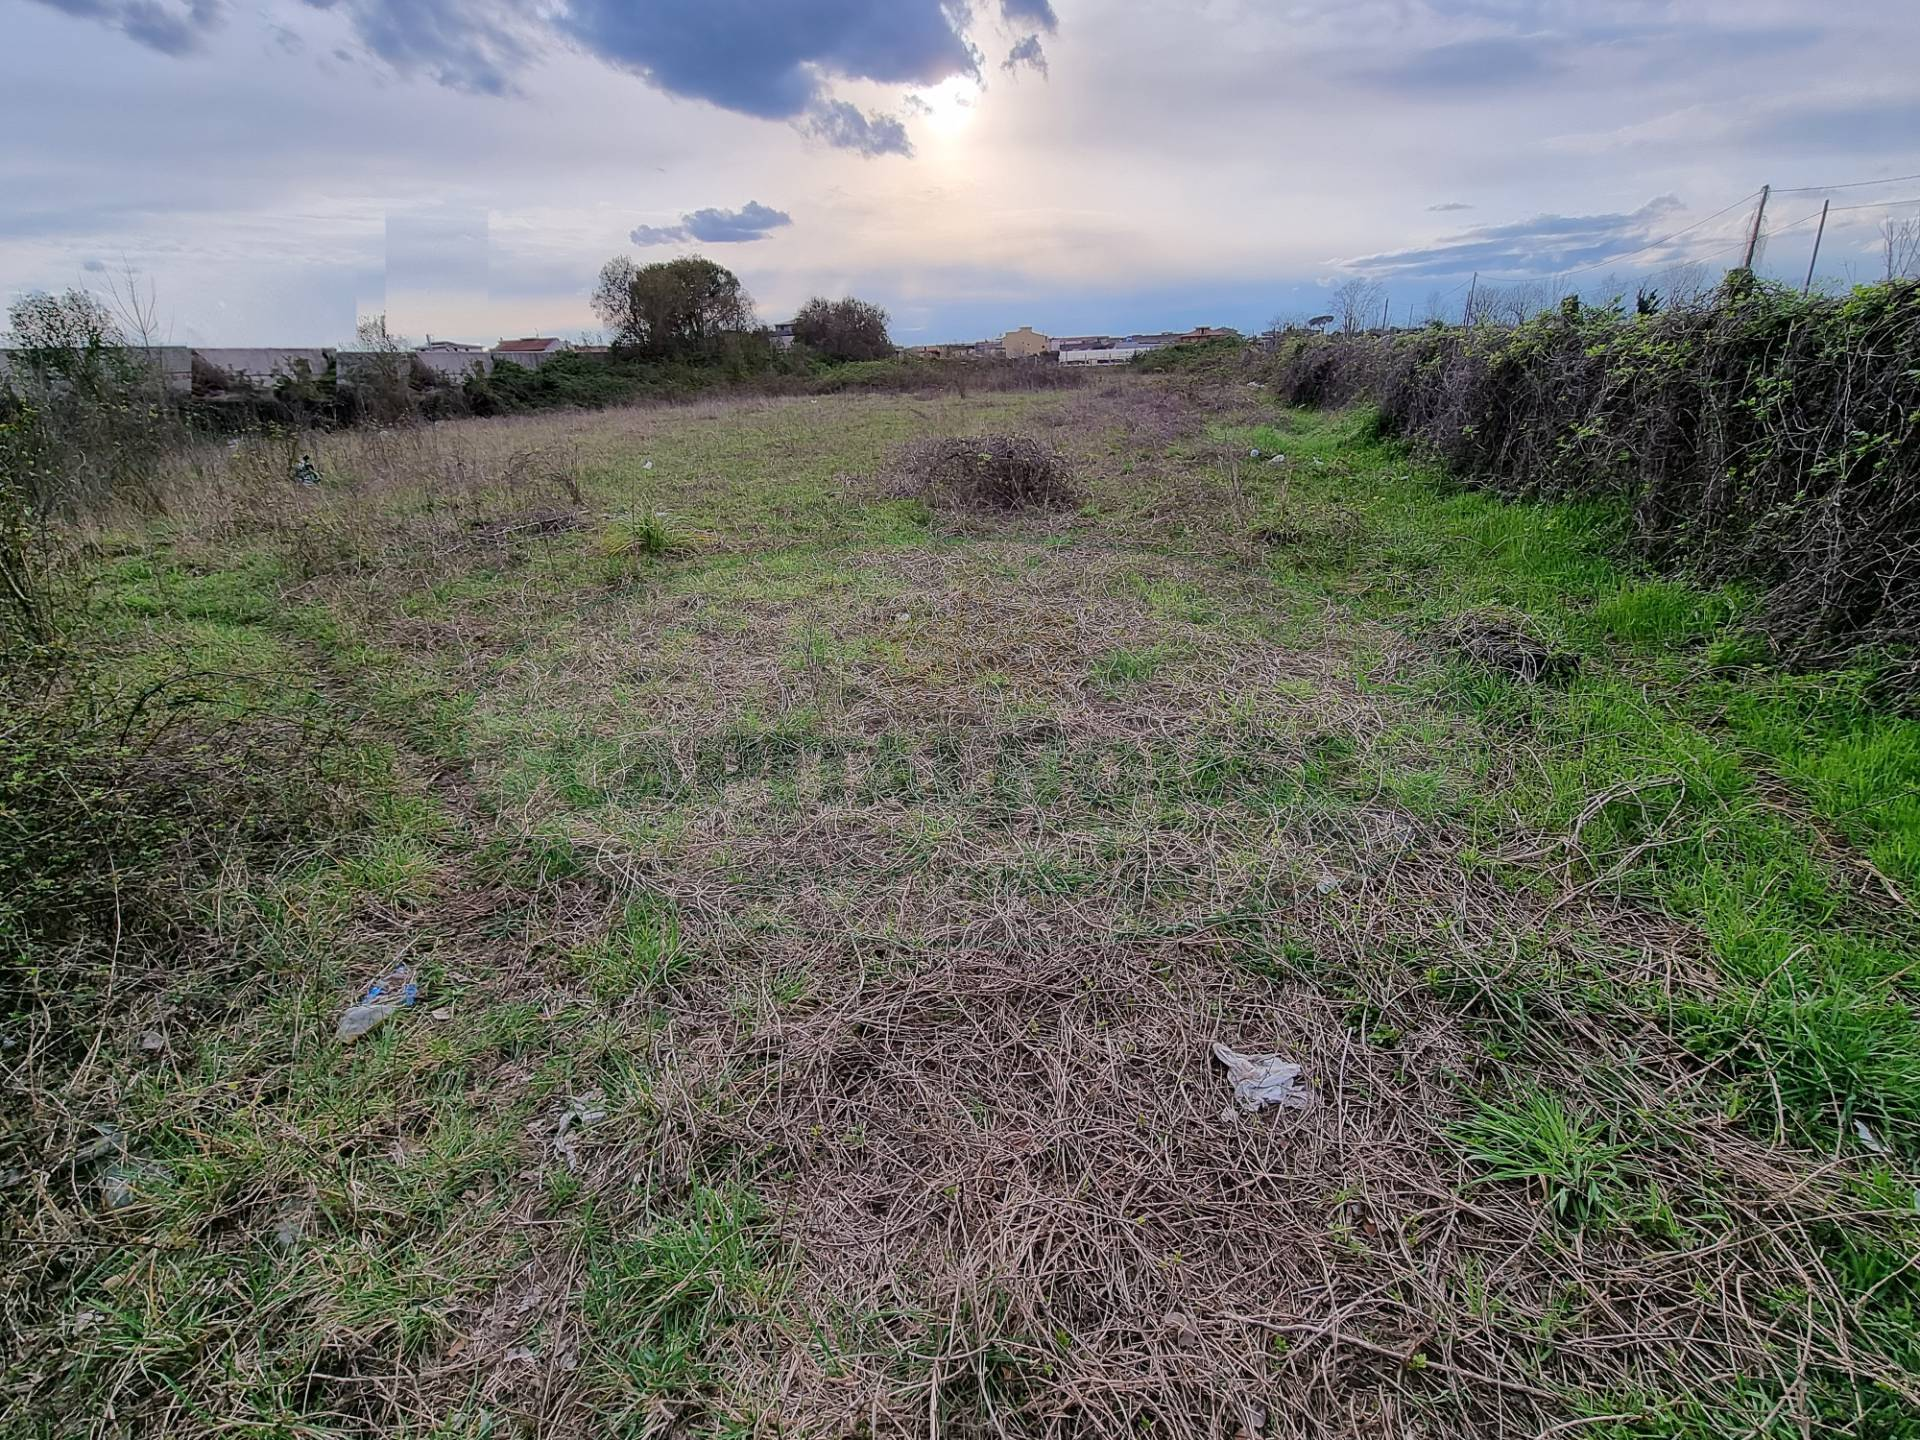 Terreno edificabile in vendita a Macerata Campania (CE)